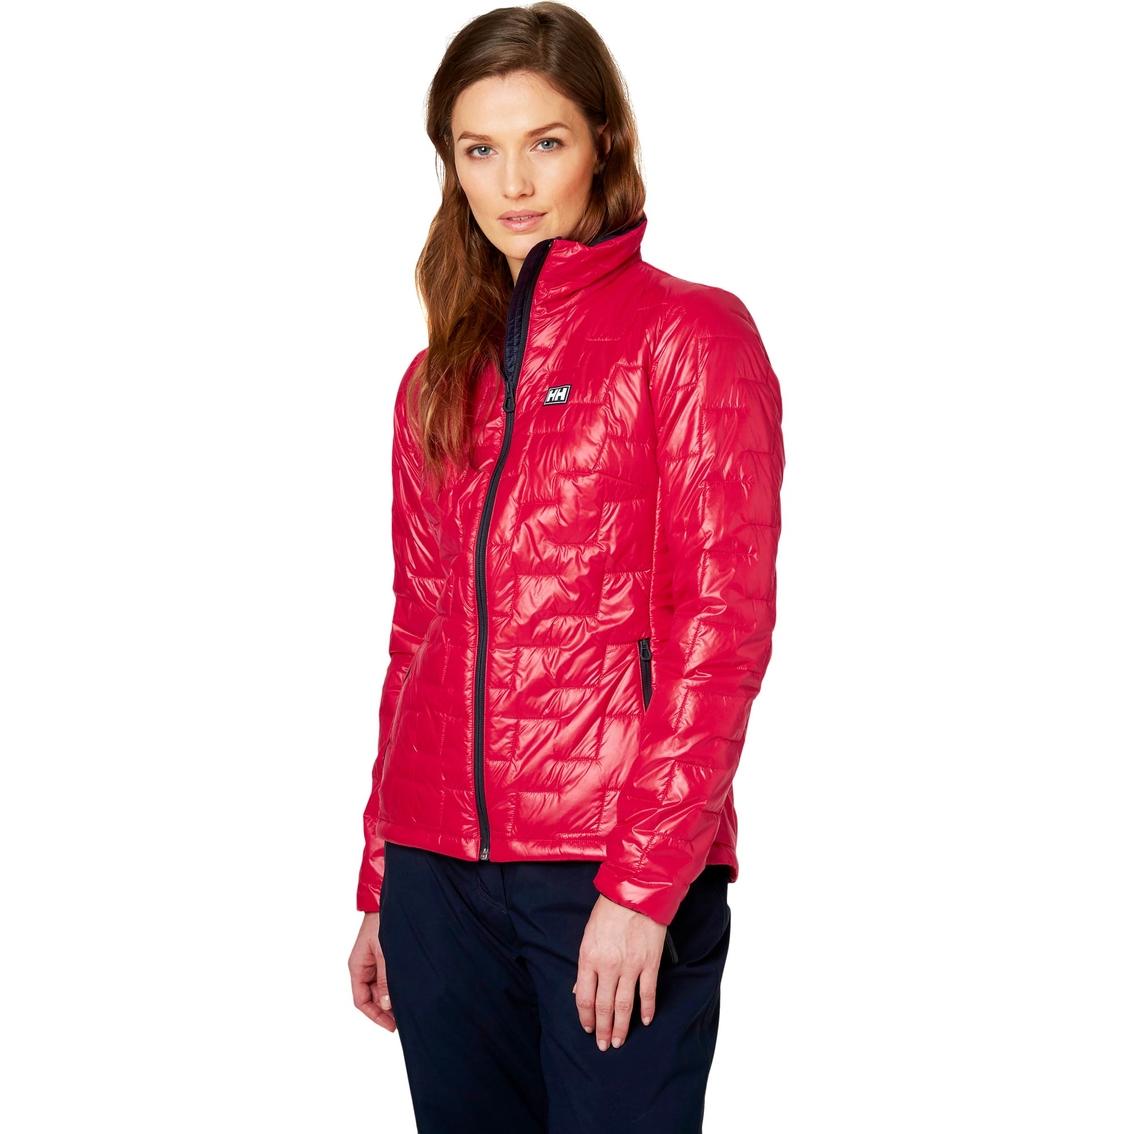 Helly-Hansen Womens Helly Hansen Womens W Lifaloft Insulator Jacket Helly Hansen Womens W Lifaloft Insulator Jacket